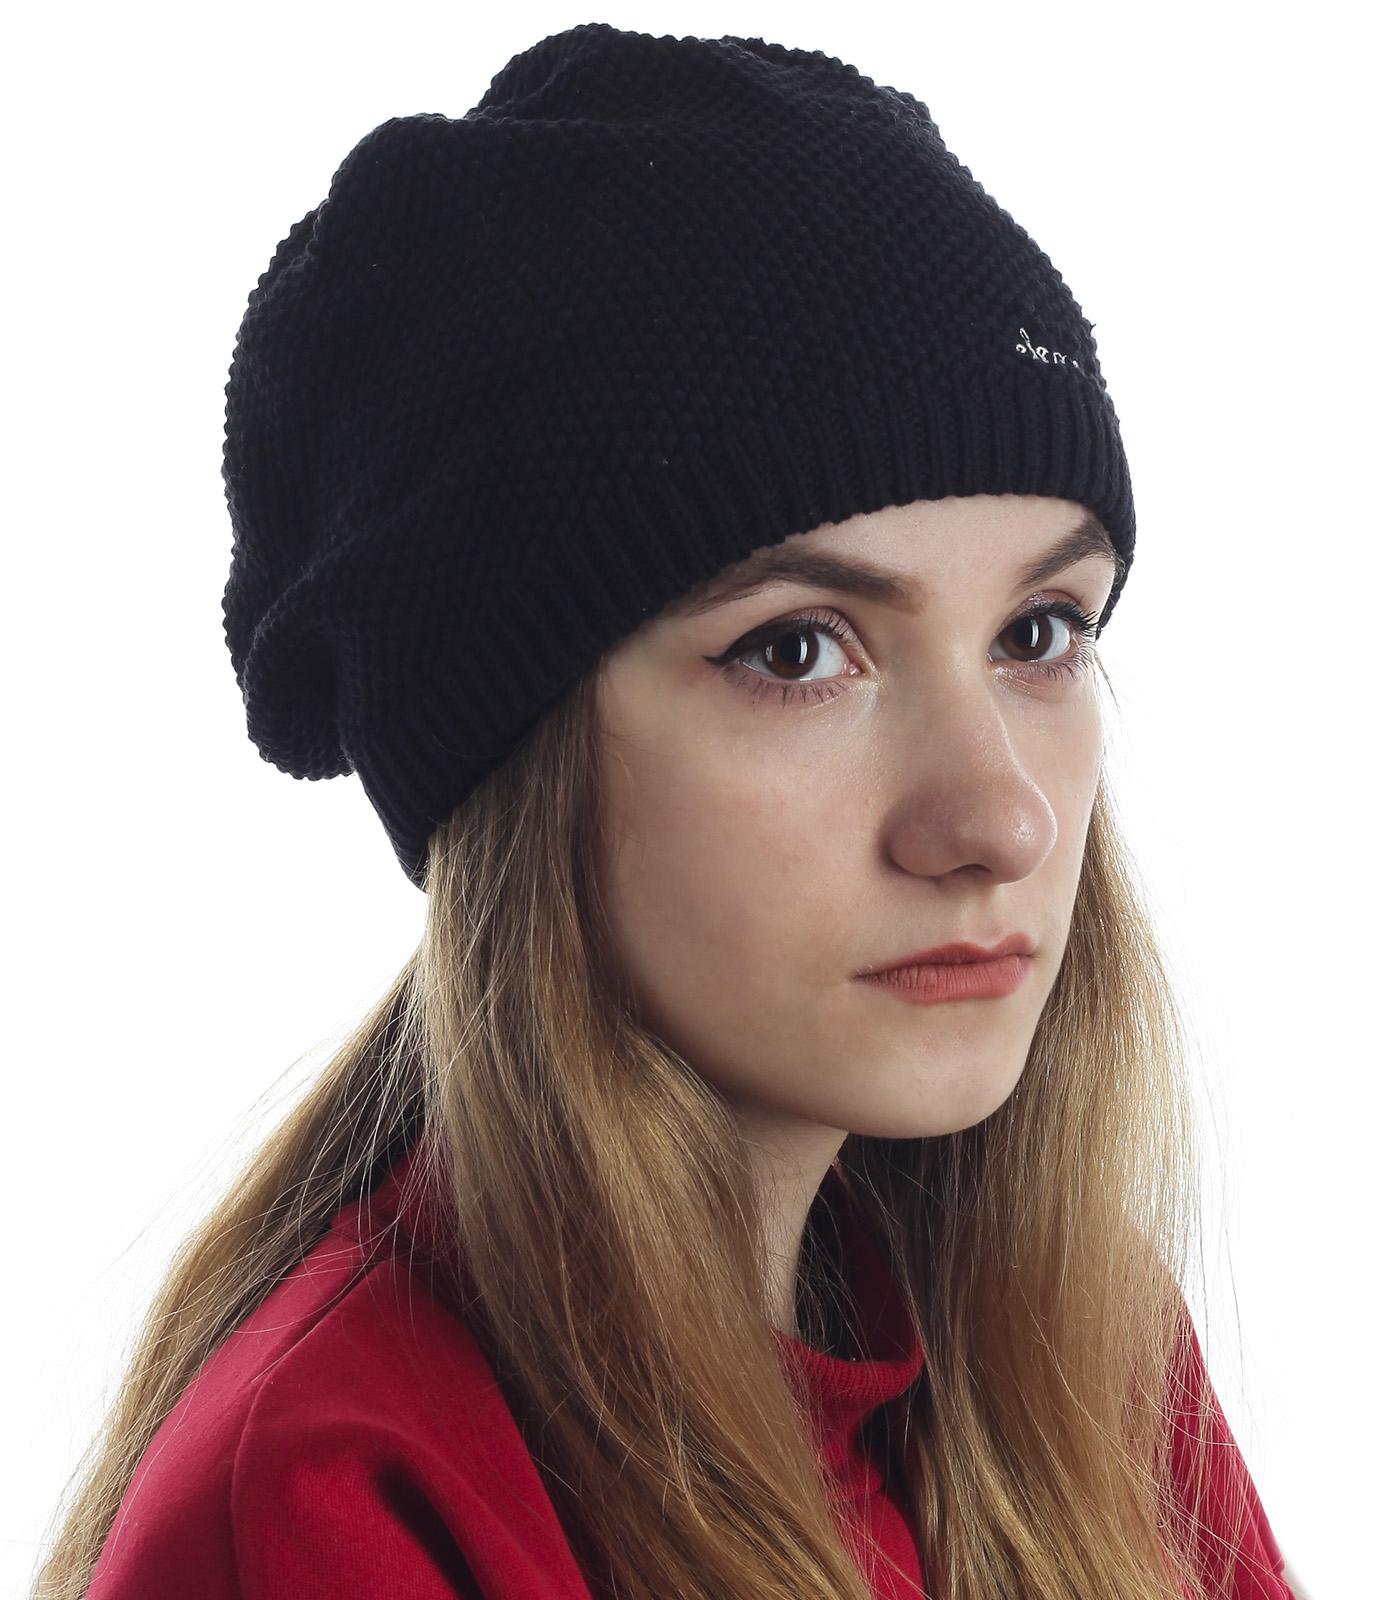 Женственная шапочка Element. Удачная модель для любого типа лица. Всегда актуальный дизайн и надежная защита от холода и ветра